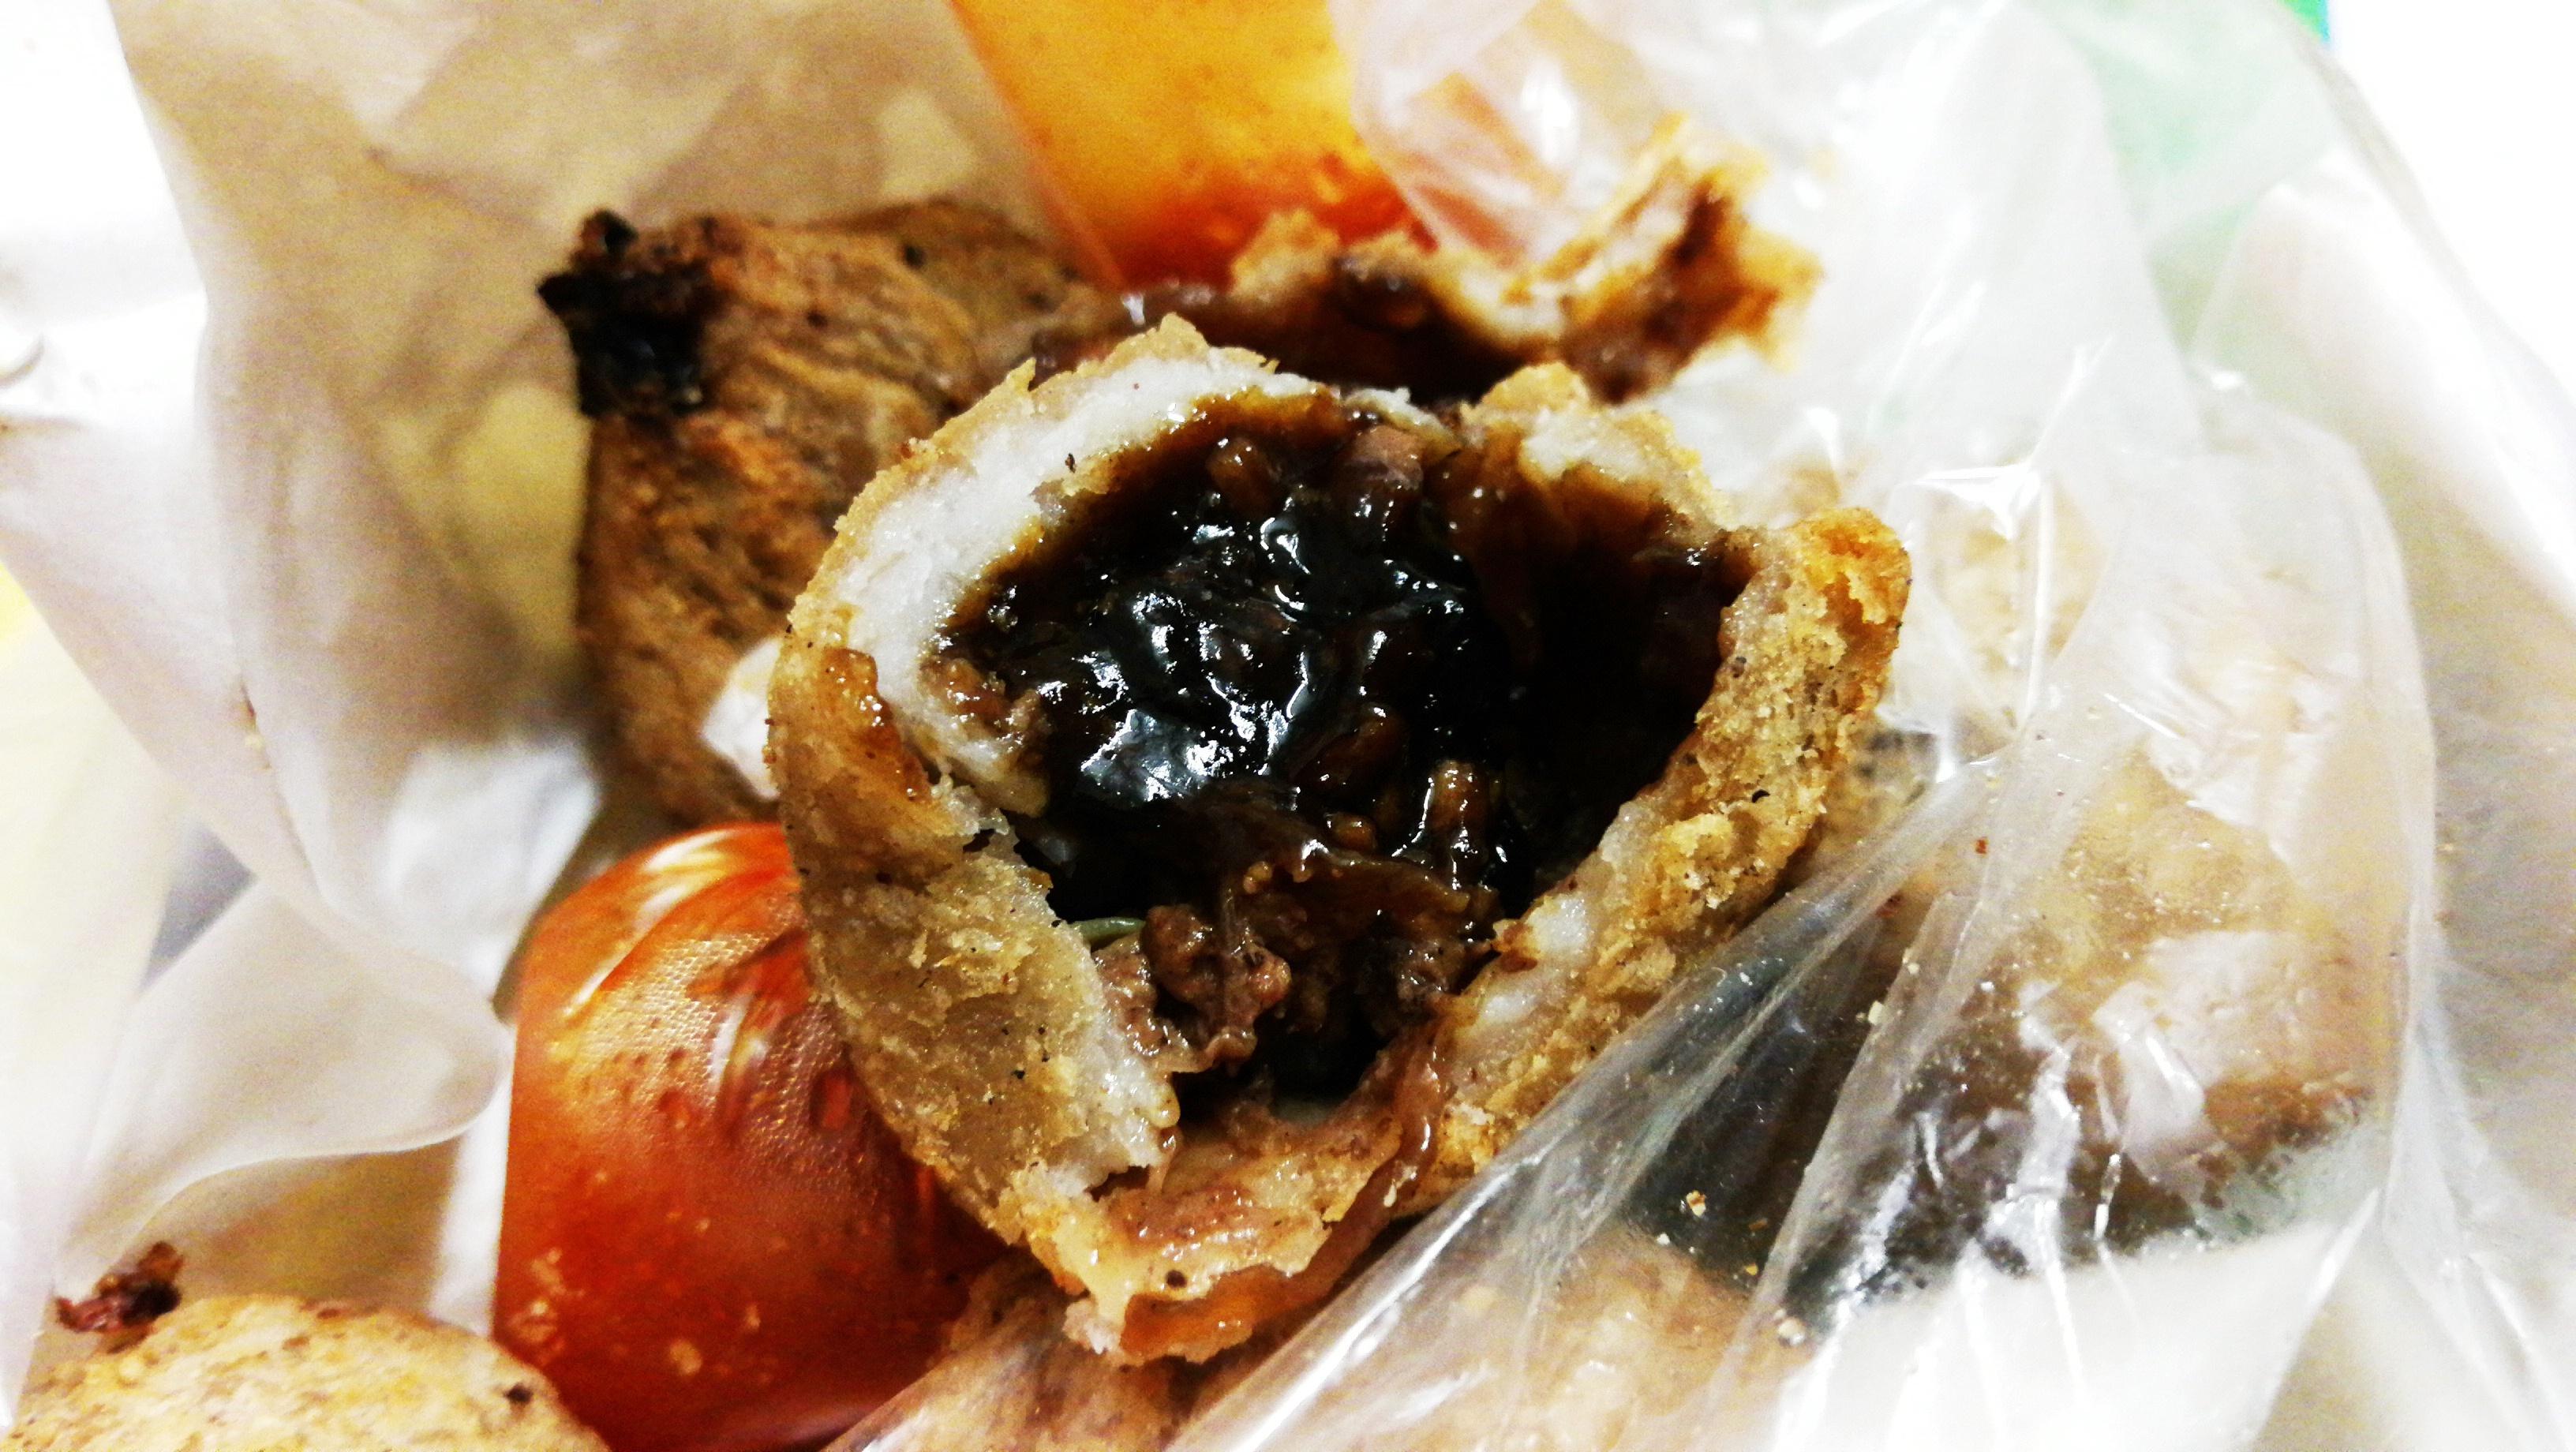 """饱满肉汁的馅料,加上外酥内厚的芋头""""皮"""",还有特制酱料,在嘴里化开的滋味。-M中文网摄-"""